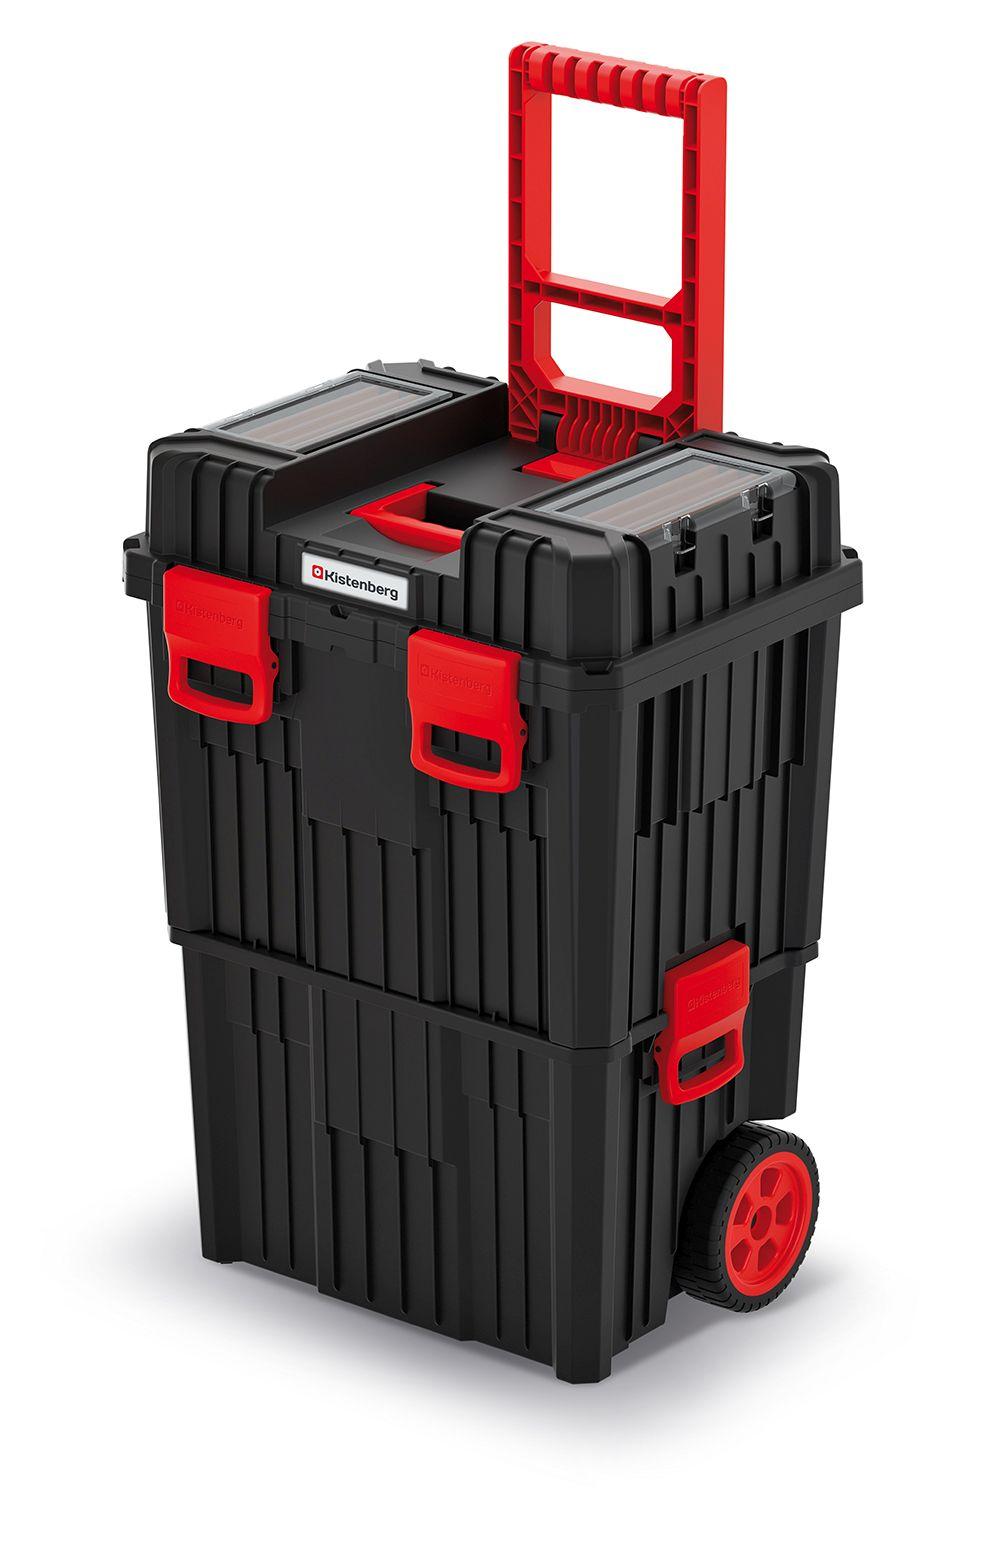 PROSPERPLAST Modulární kufr na nářadí s transp. kolečky HEAVY černý 450x360x640